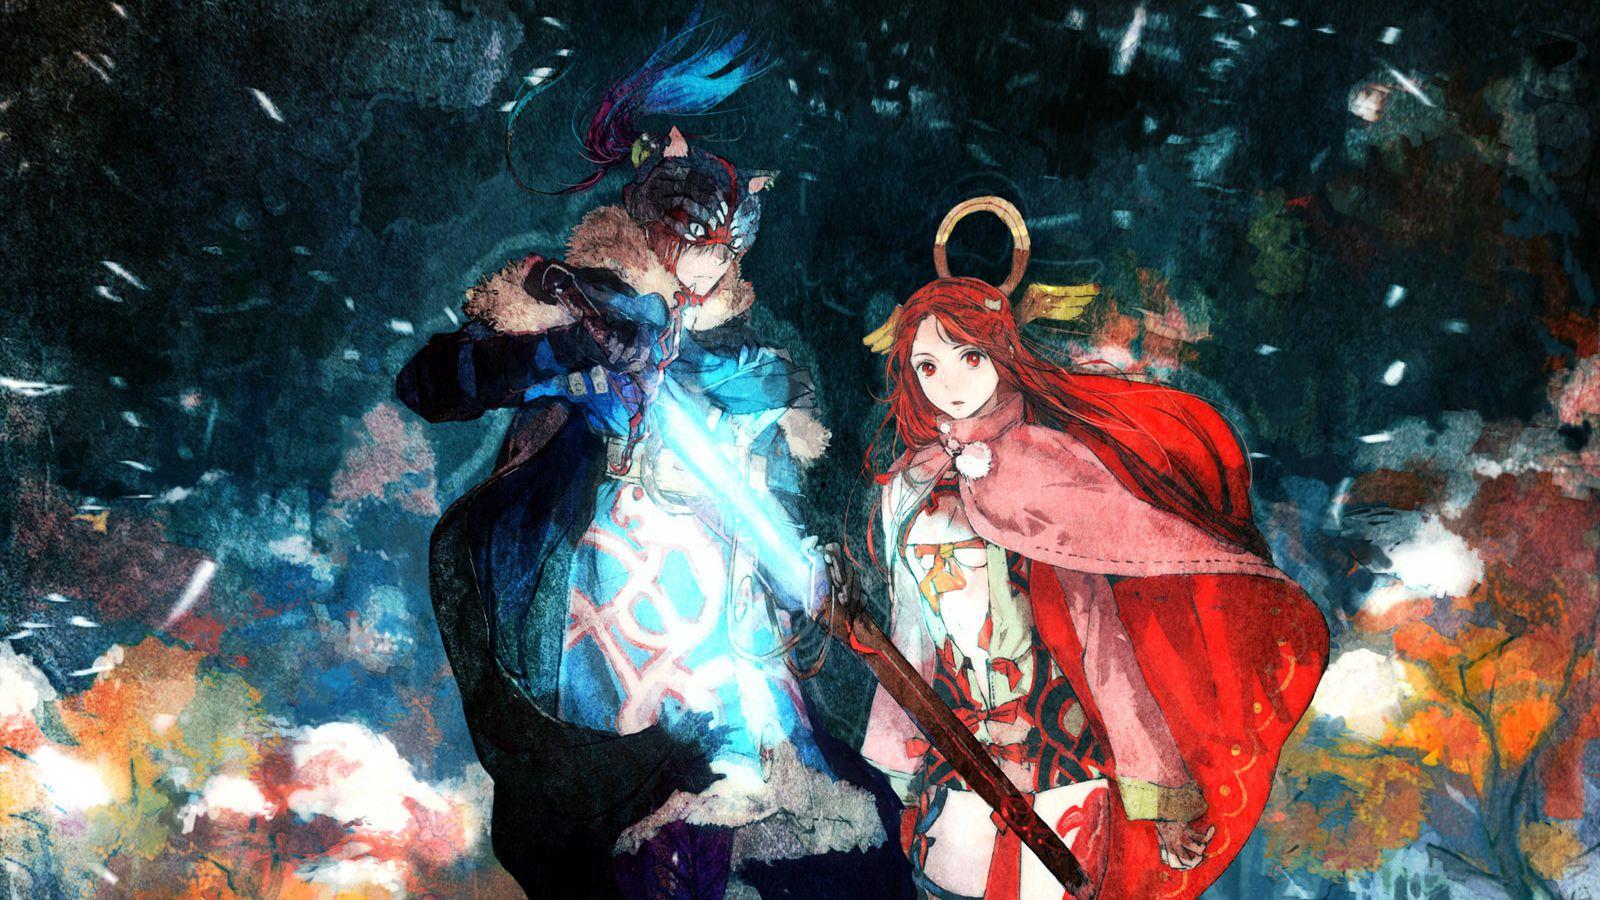 Square Enix's Chrono Trigger-inspired I Am Setsuna Coming